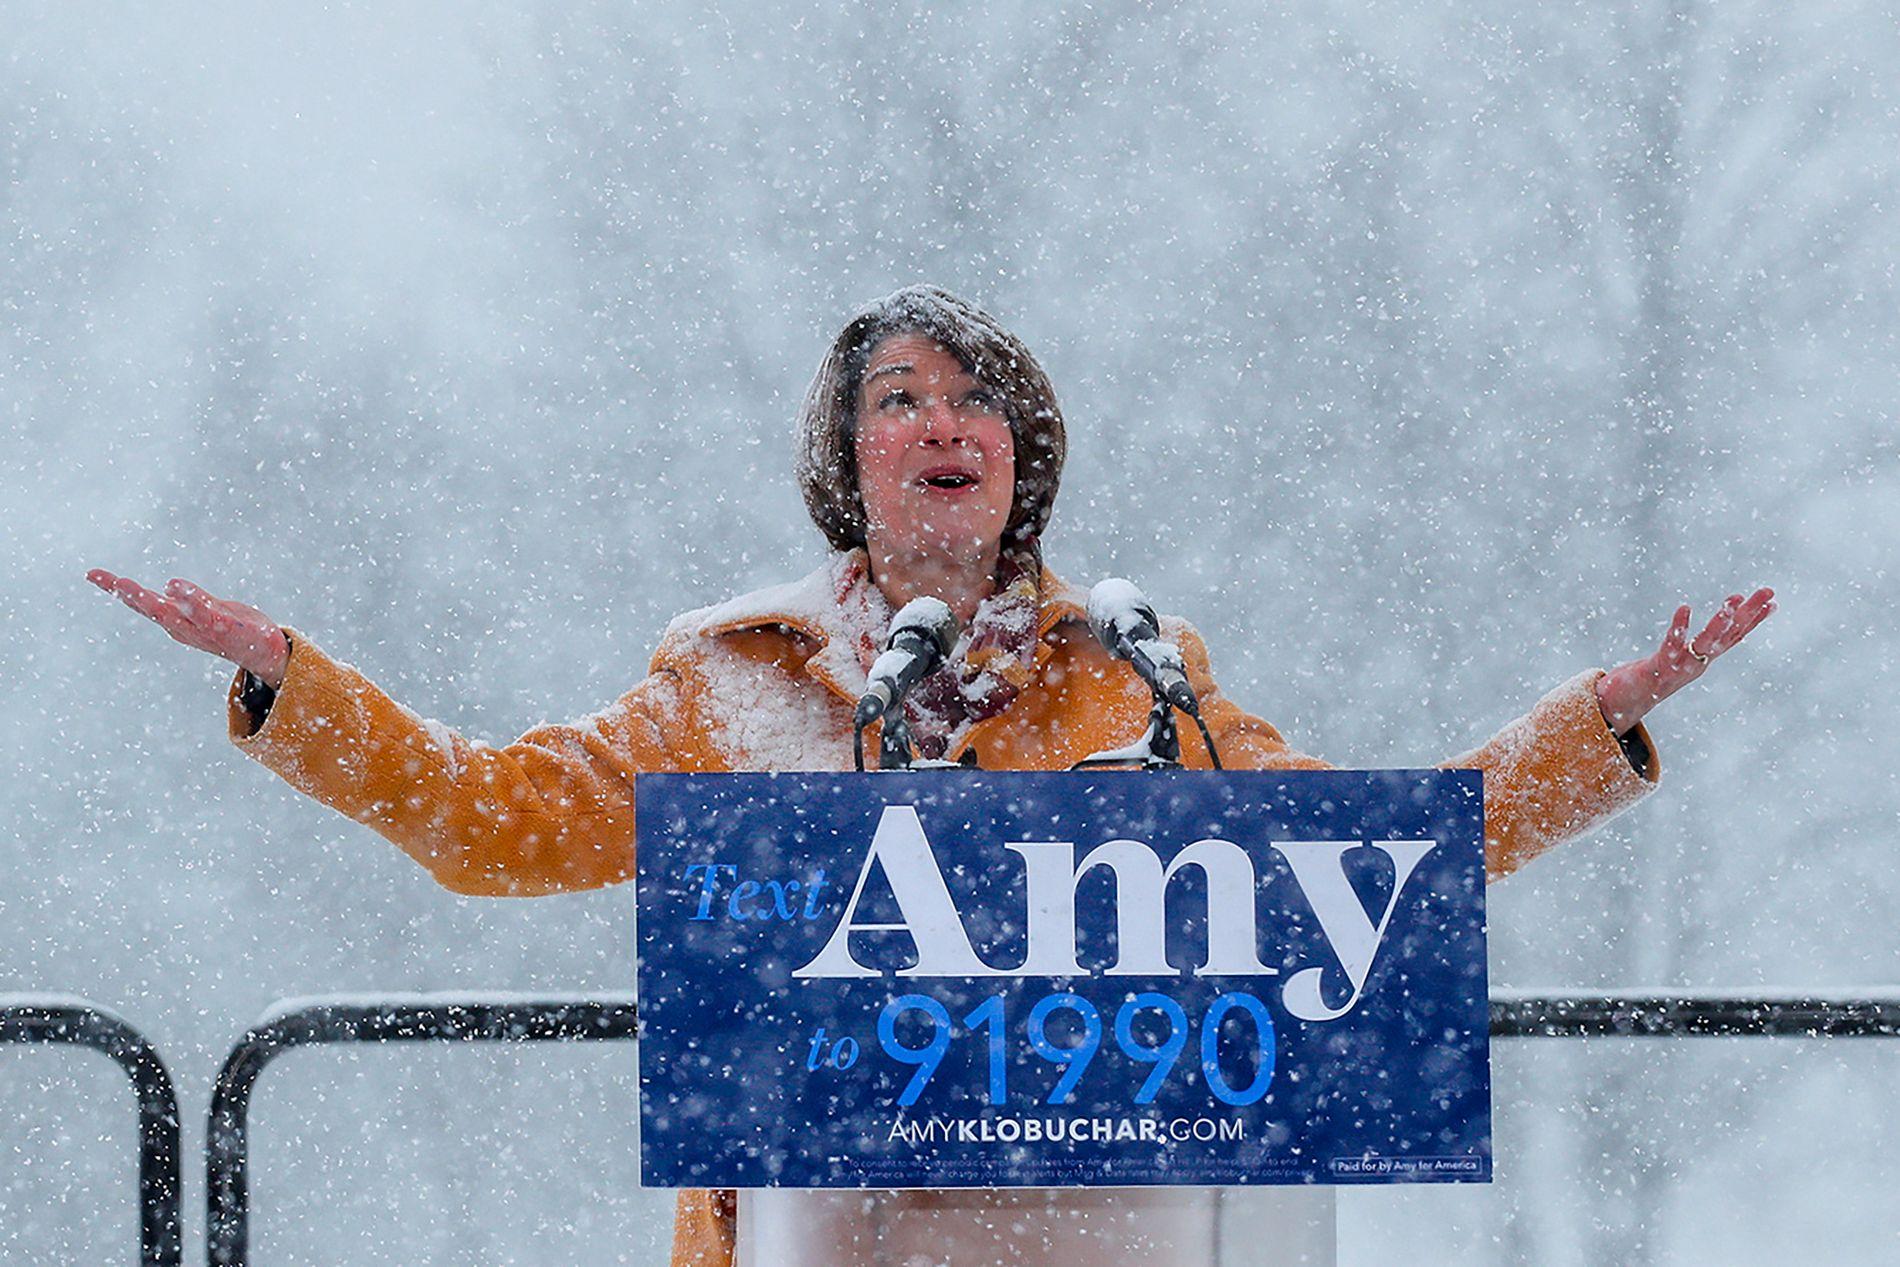 SNØKVINNE: Amy Klobuchar annonserte sitt kandidatur i et voldsomt snøvær i Minneapolis i februar.